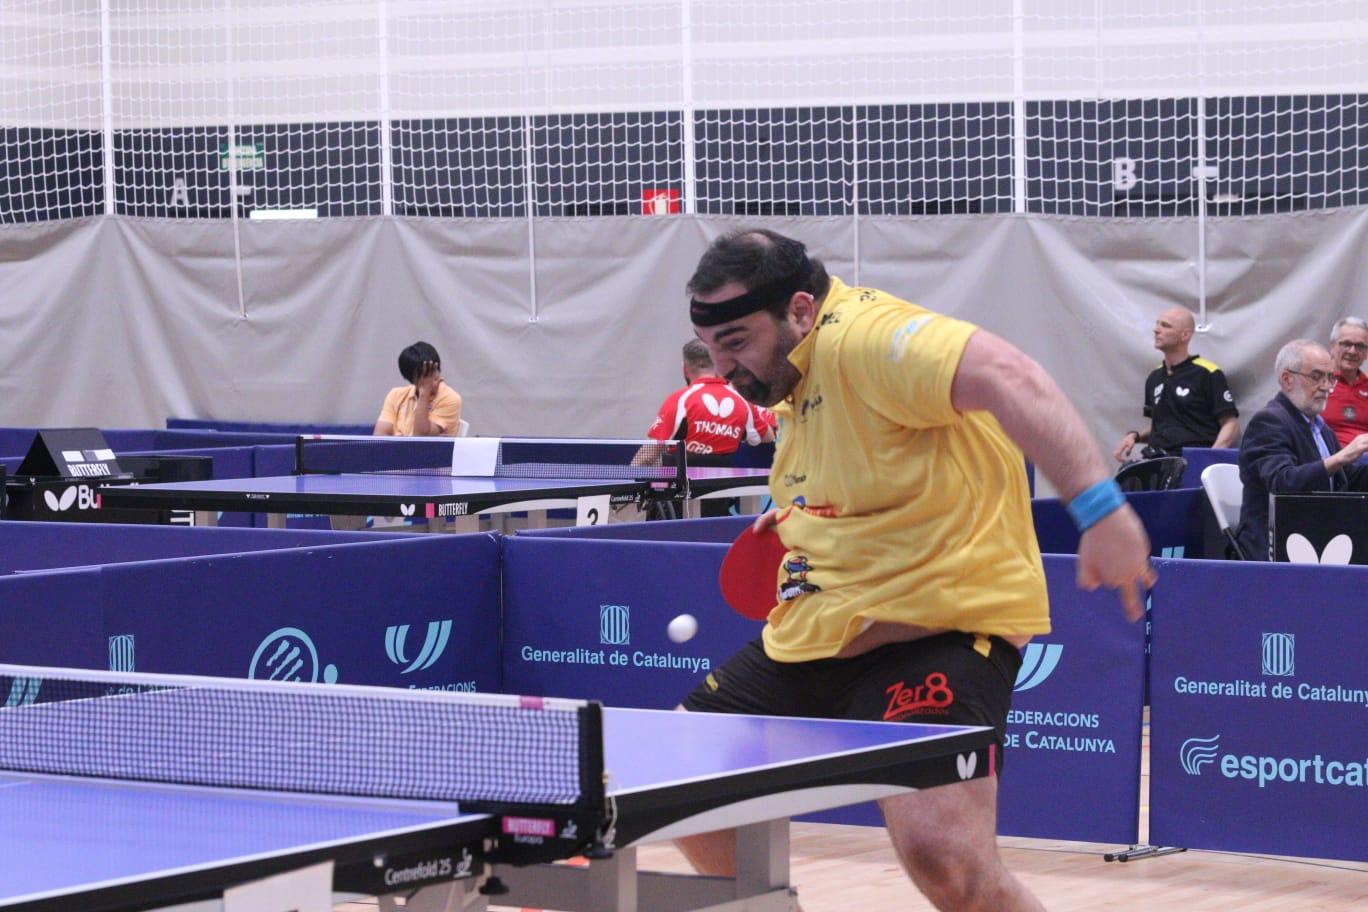 Un dels jugadors d'aquest 5è Open de Tennis de Taula Adaptat. FOTO: Lali Álvarez